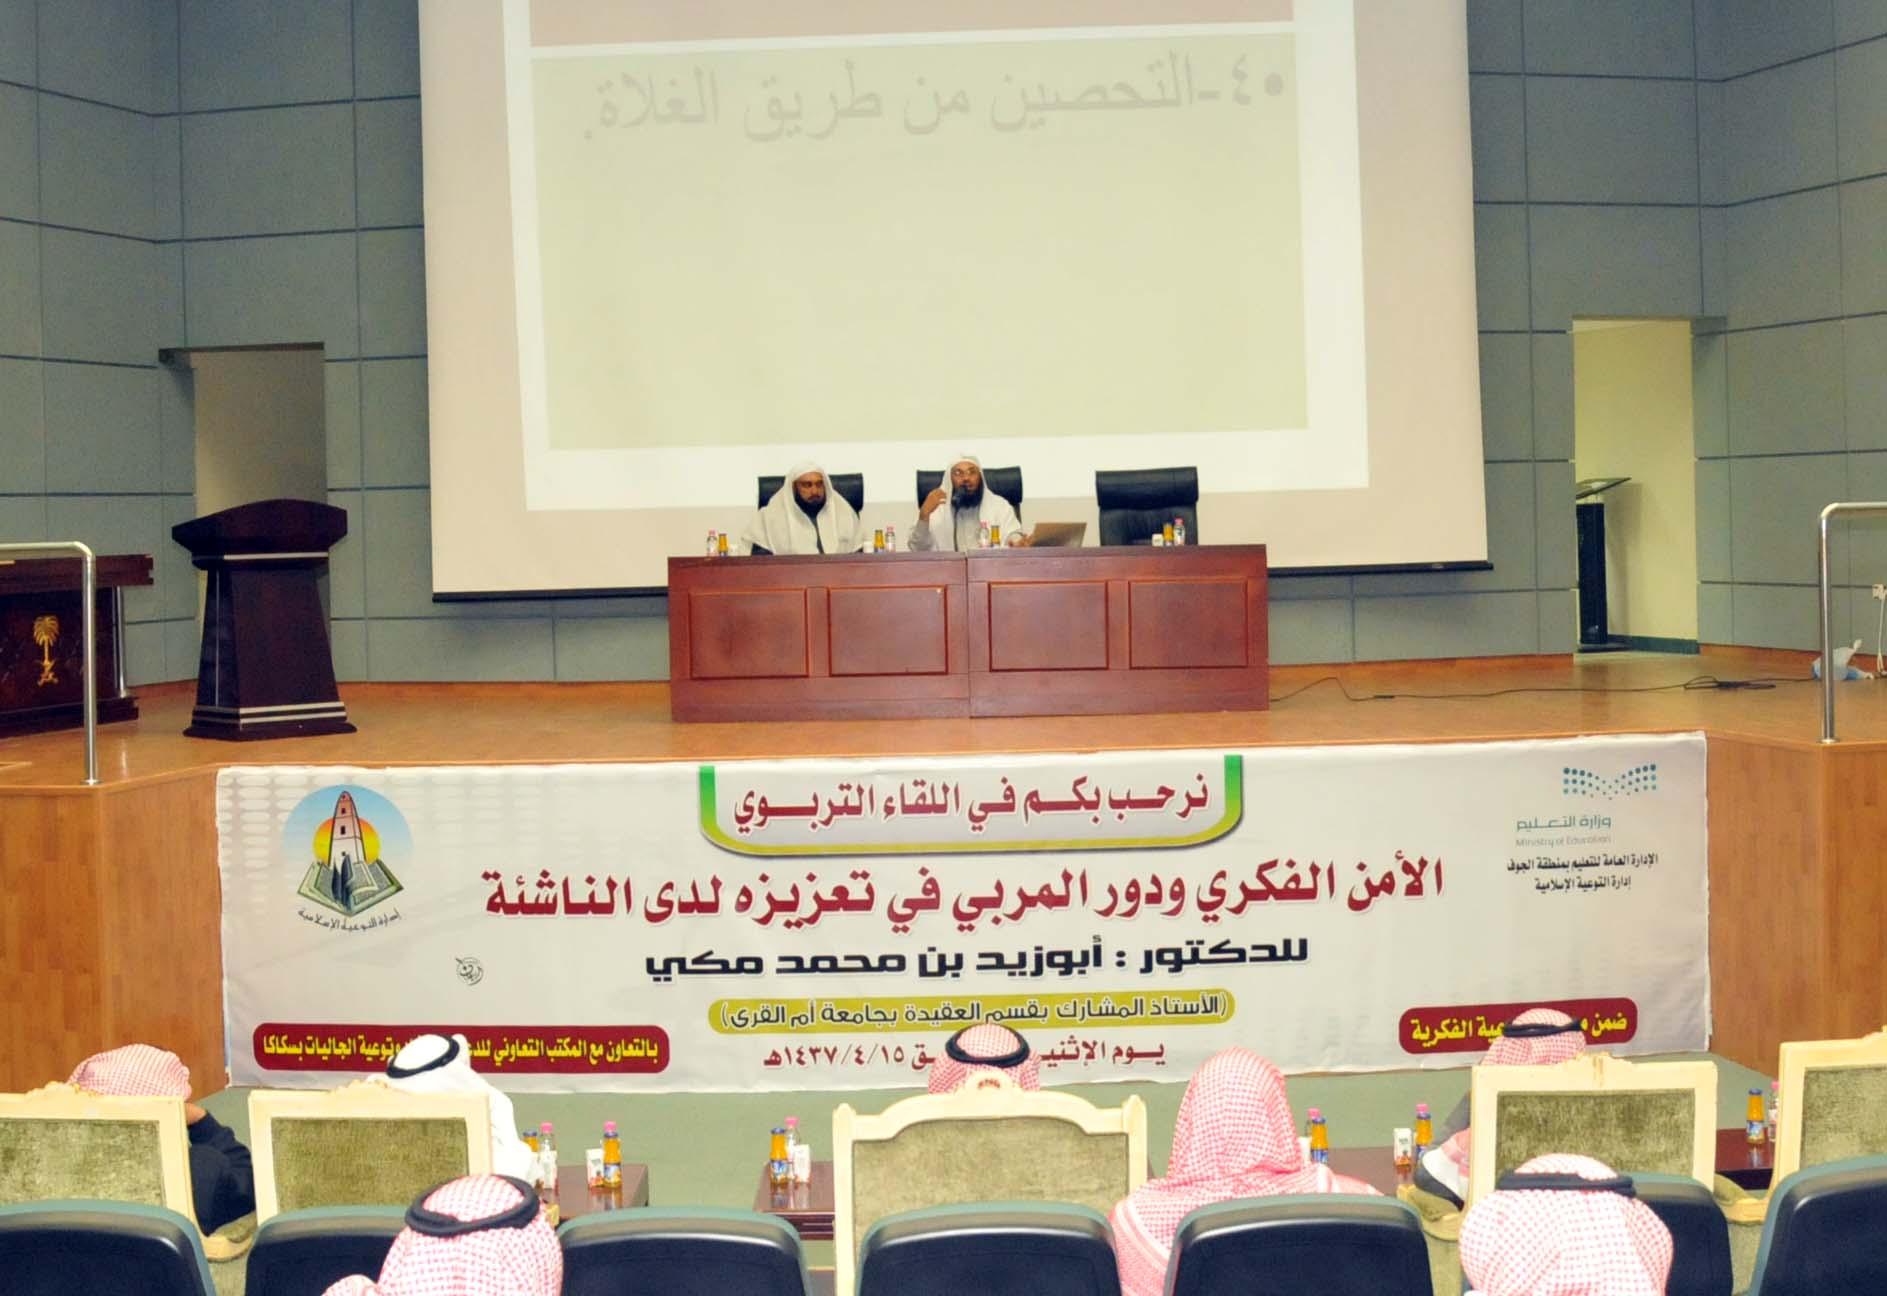 الأمن الفكري في لقاء تربوي لإدارة التعليم بـ #الجوف (1)